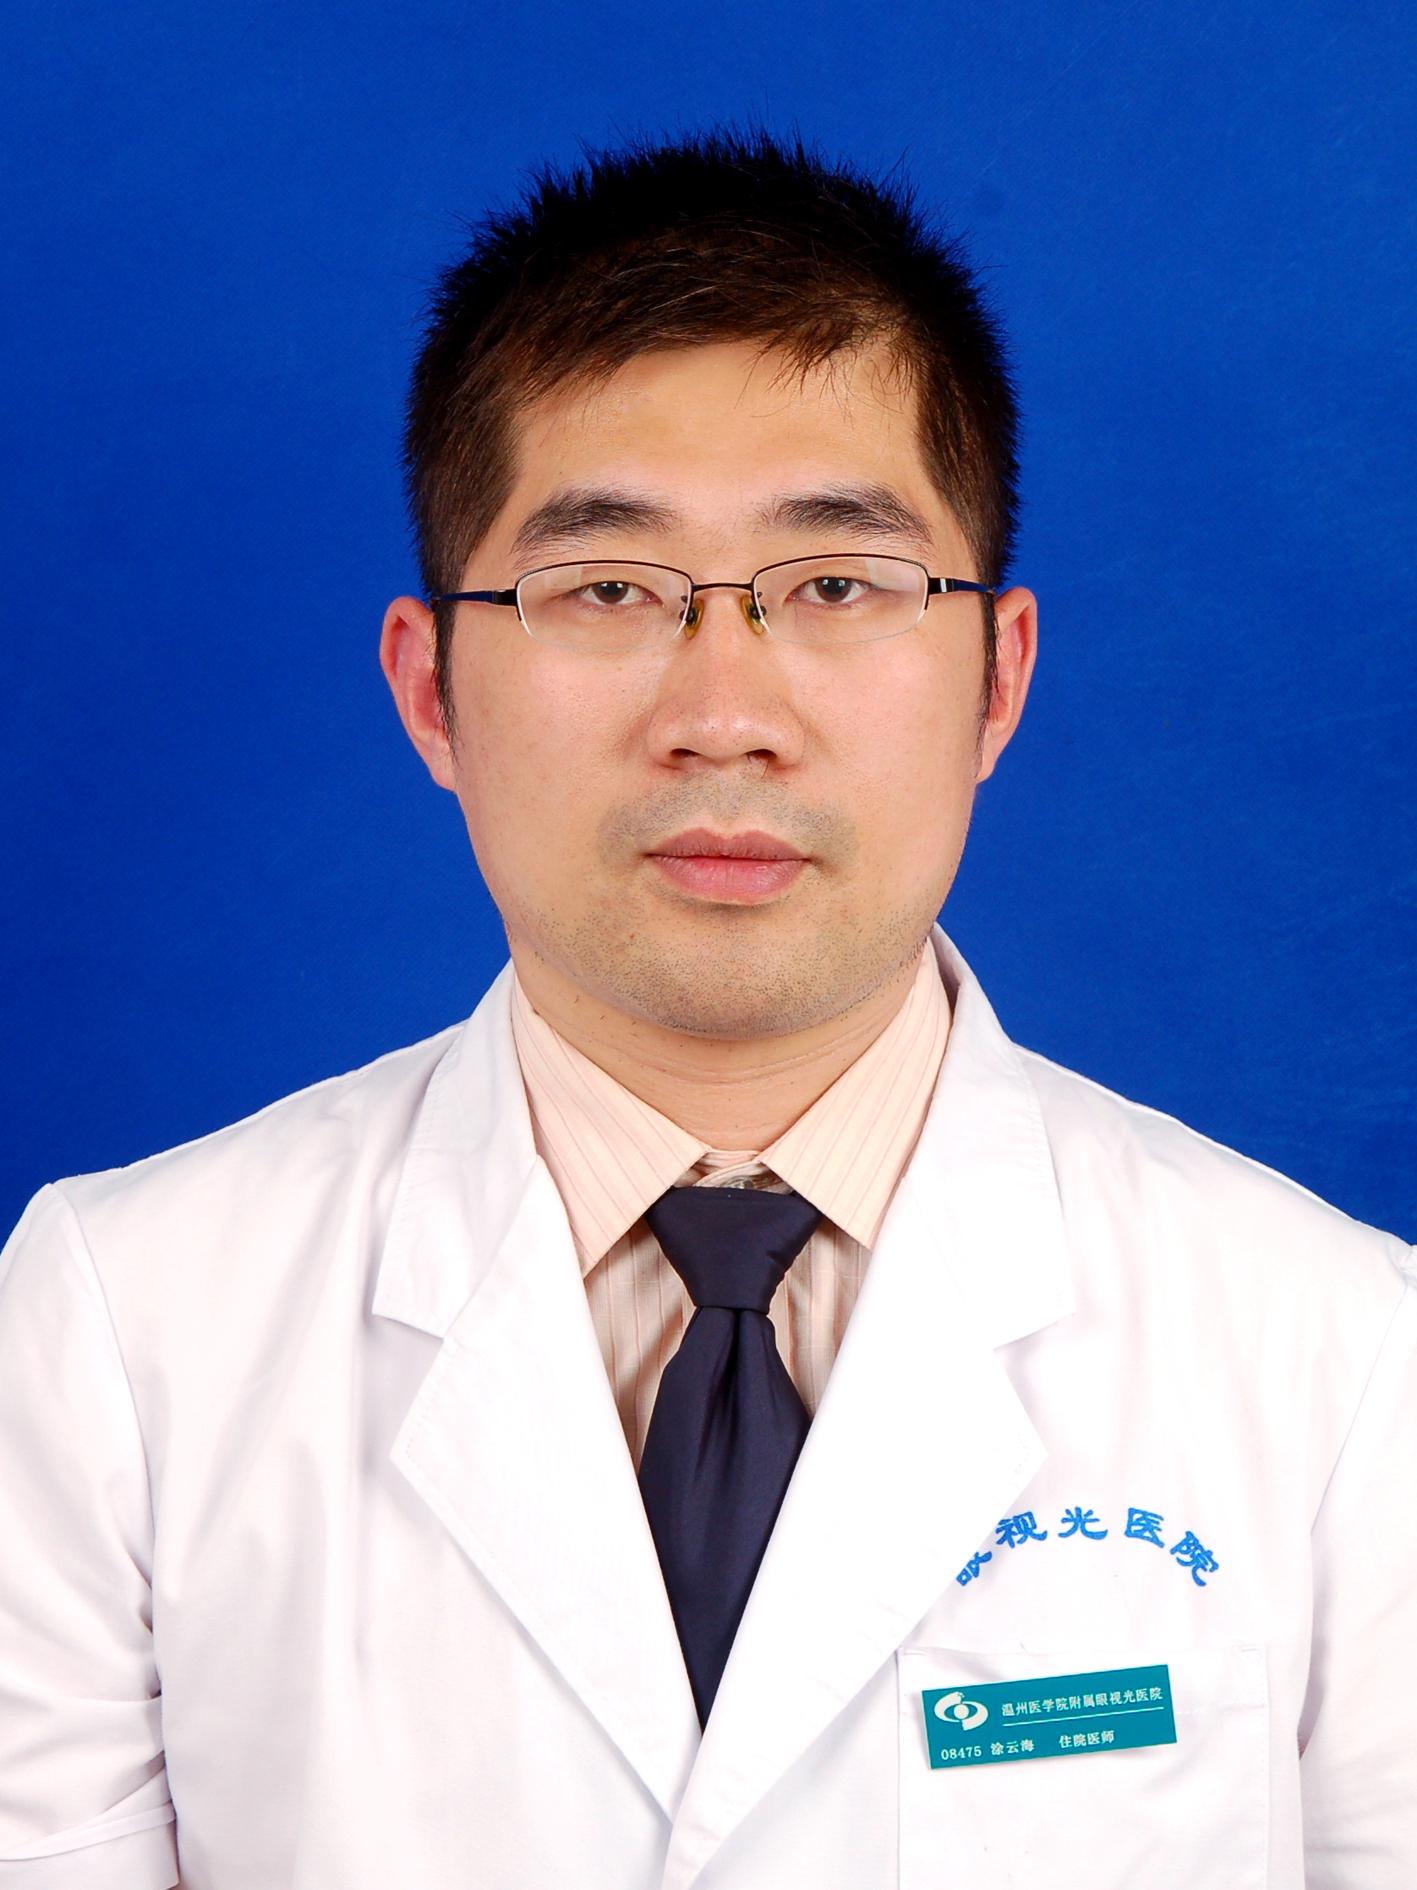 温州医学院附属眼视光医院副教授涂云海照片